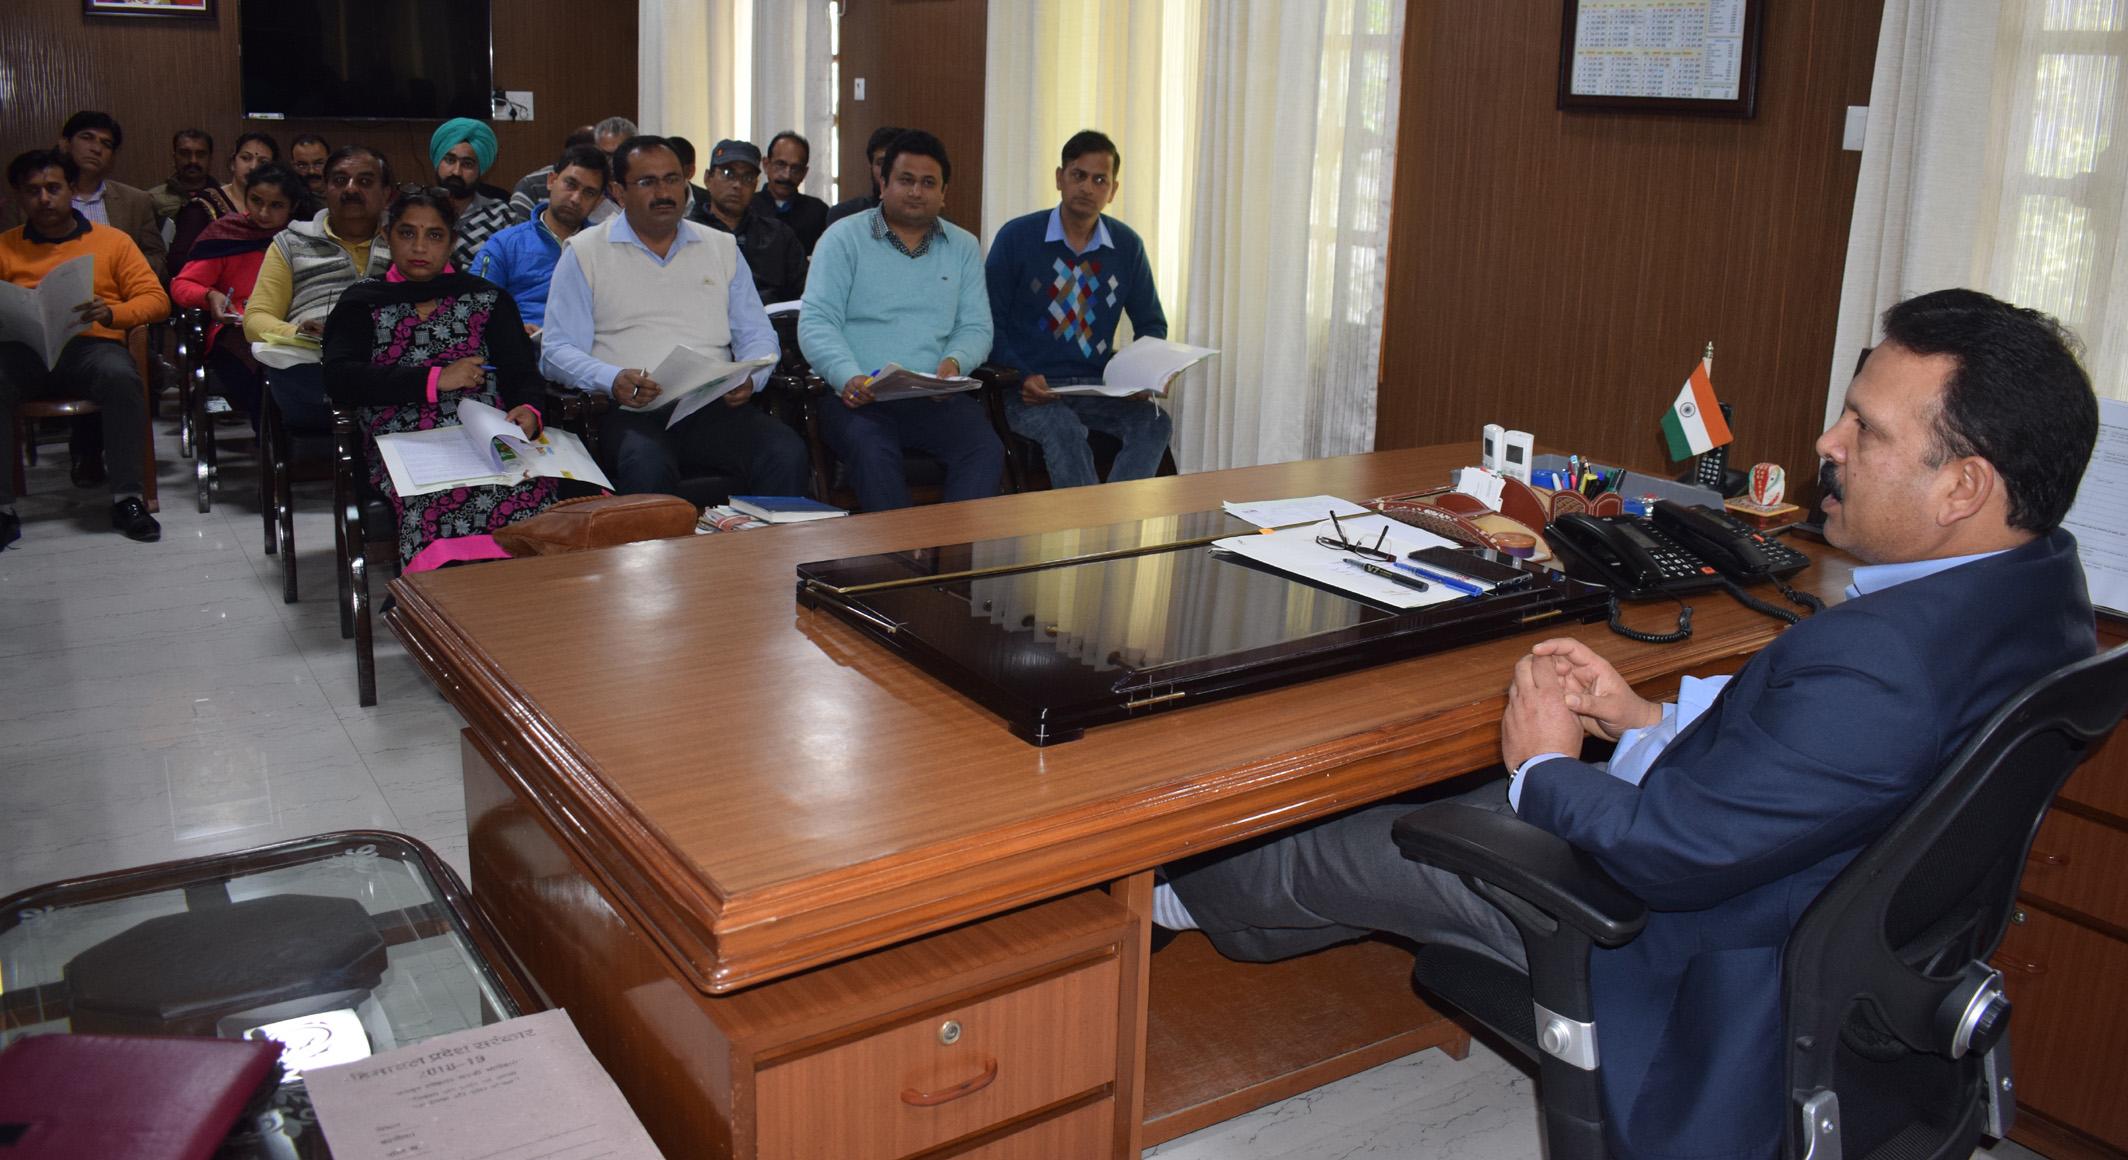 प्रधानमंत्री के 15 सूत्रीय कार्यक्रम को प्रभावी ढंग से लागू करें अधिकारीः डीसी